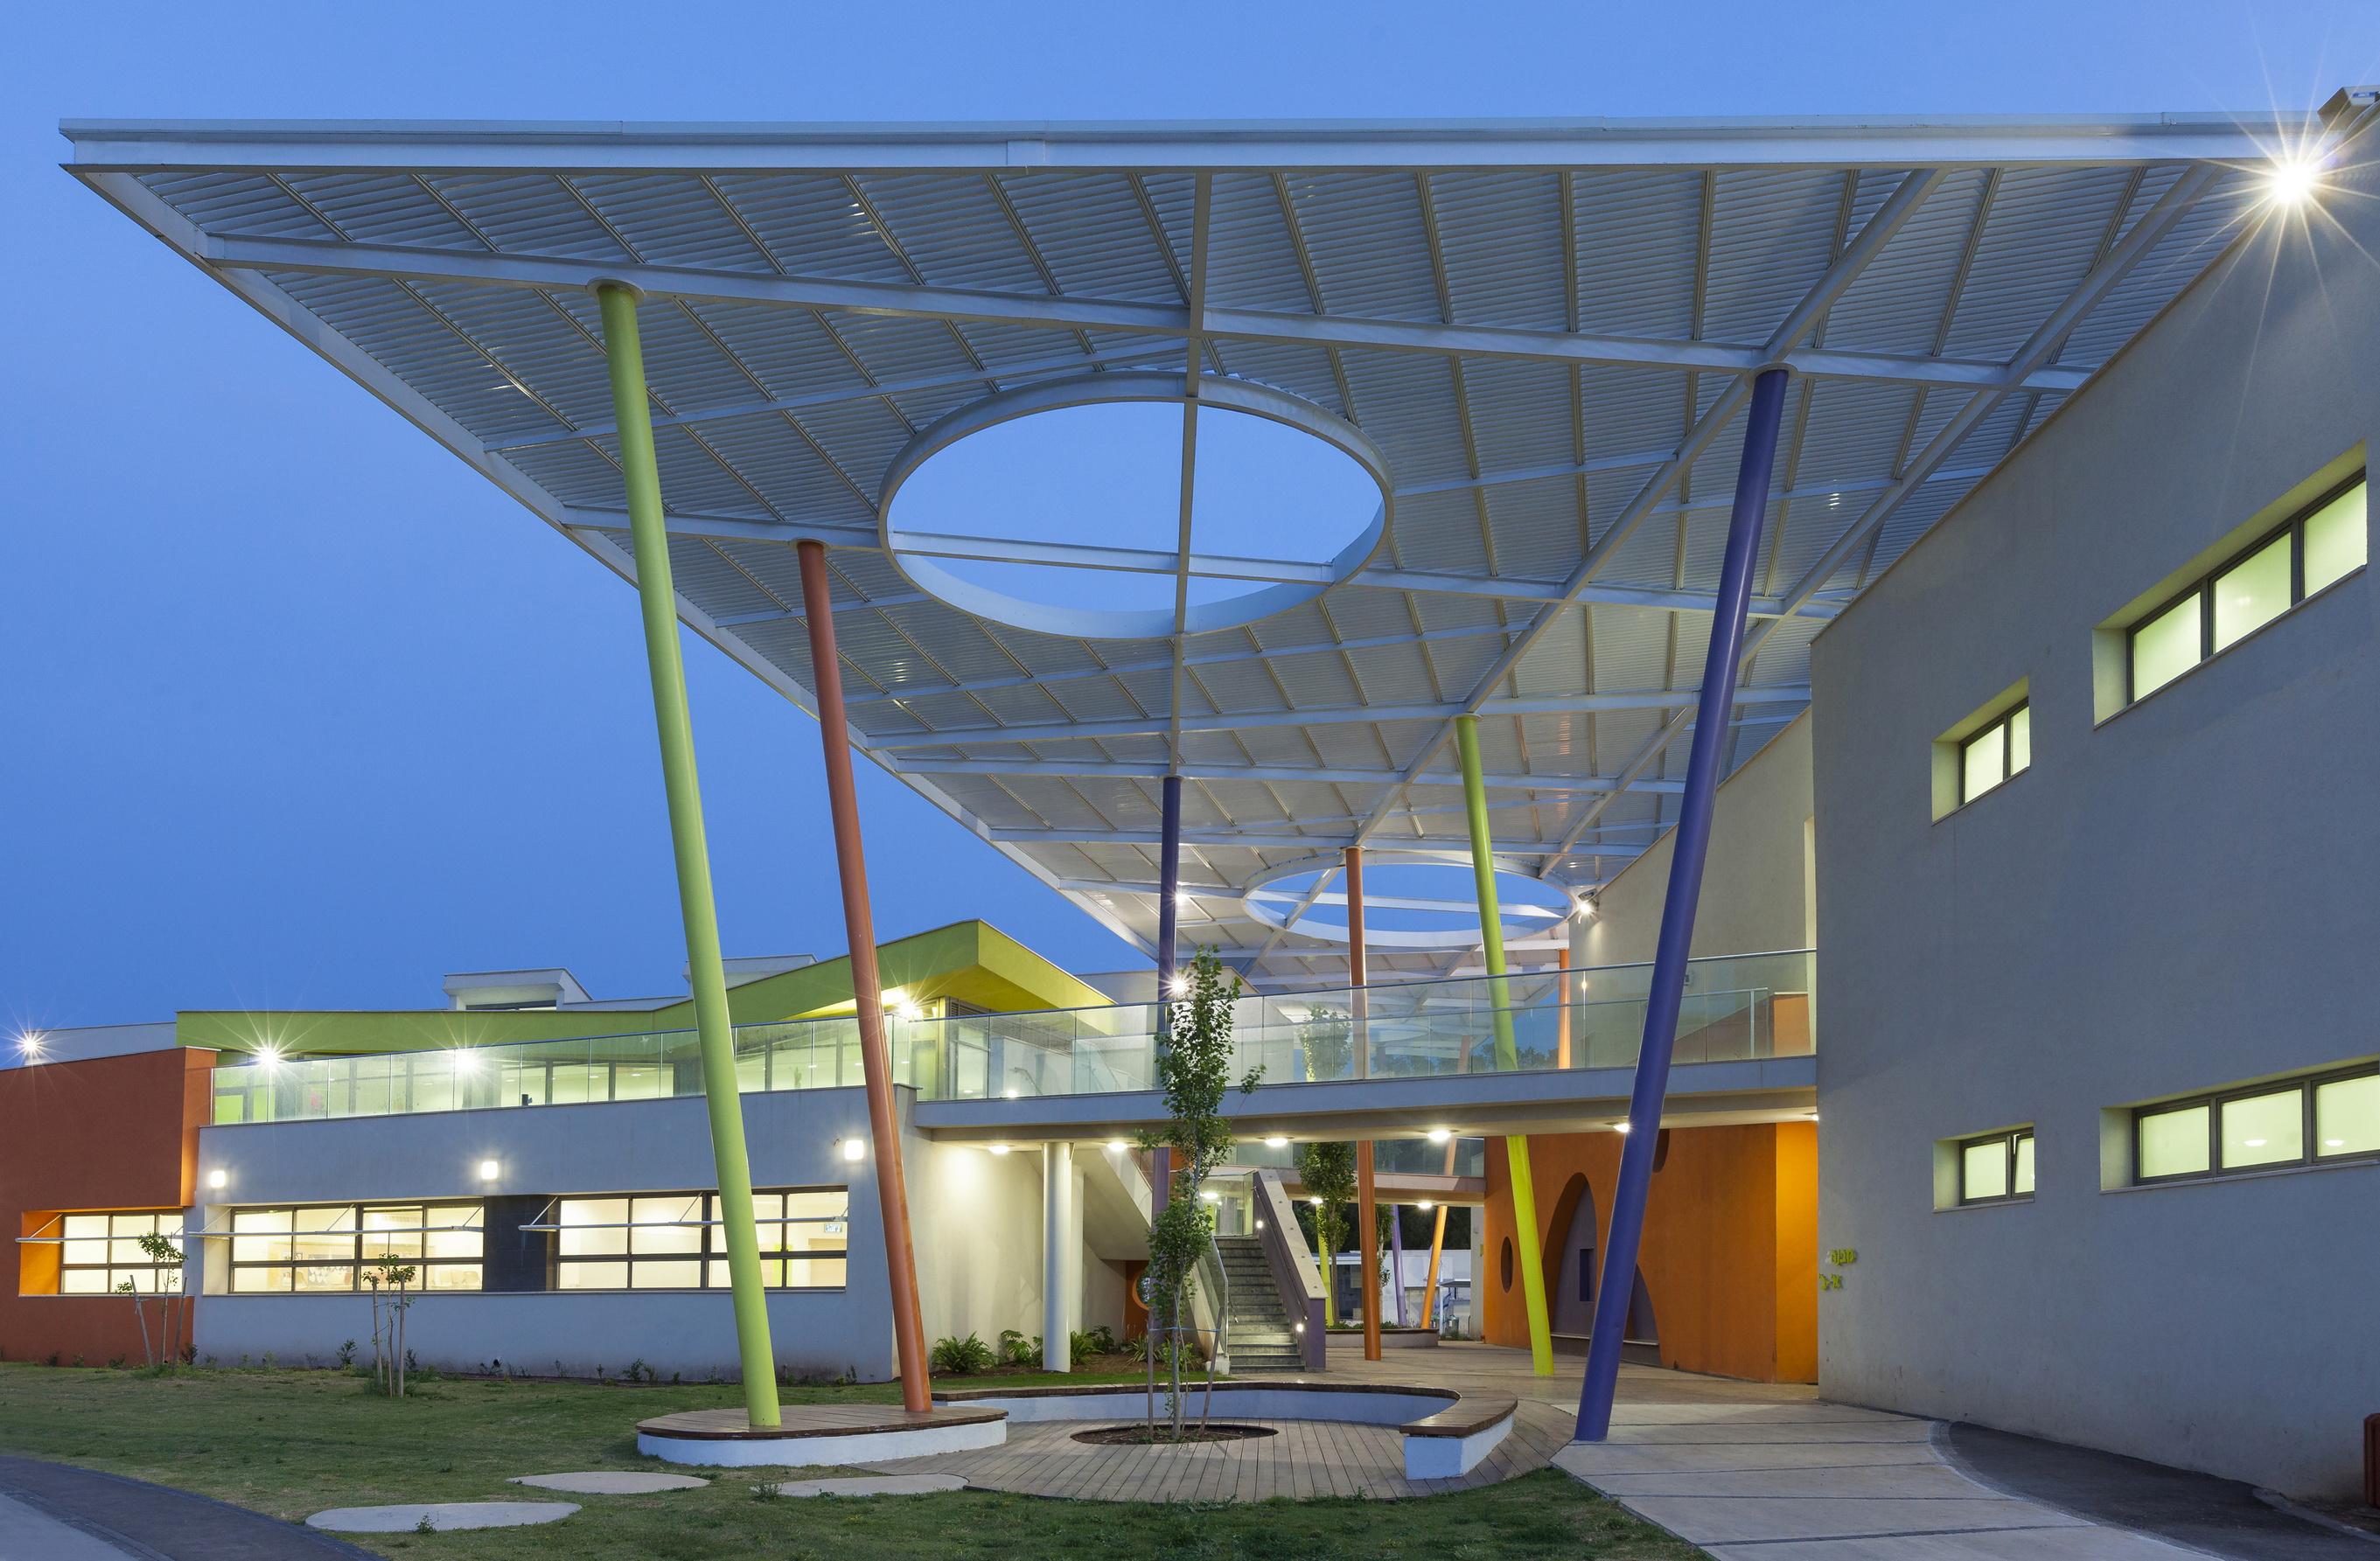 """בית הספר רקפות בקרית ביאליק. """"יישומים בפרקטיקה שמפחיתים בצורה דרמטית את צריכת האנרגיה של המבנה"""" (צילום: קנפו קלימור אדריכלים)"""